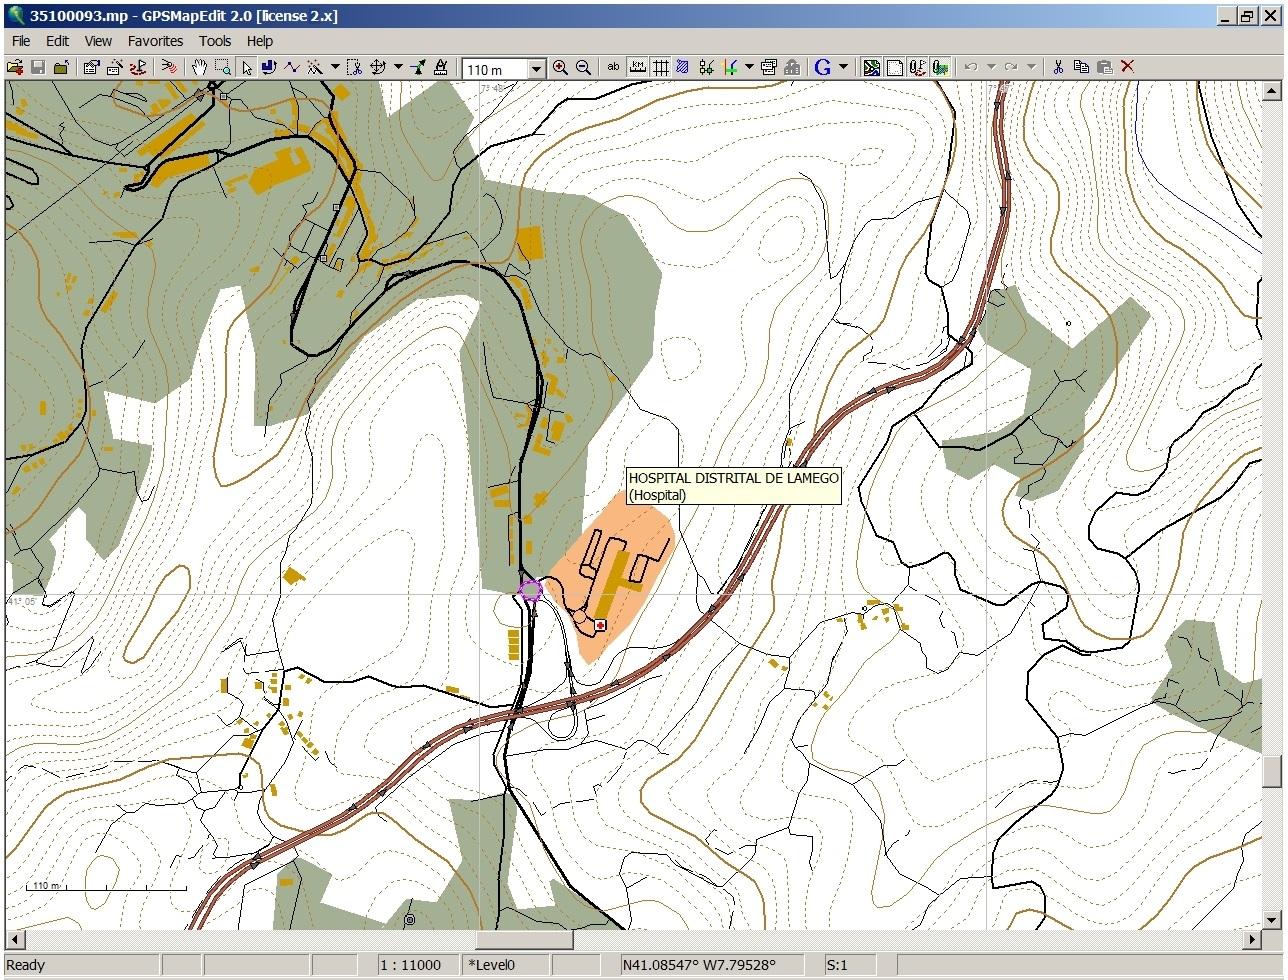 Topolusitania Mapa Topografico De Portugal Para Gps Em Formato